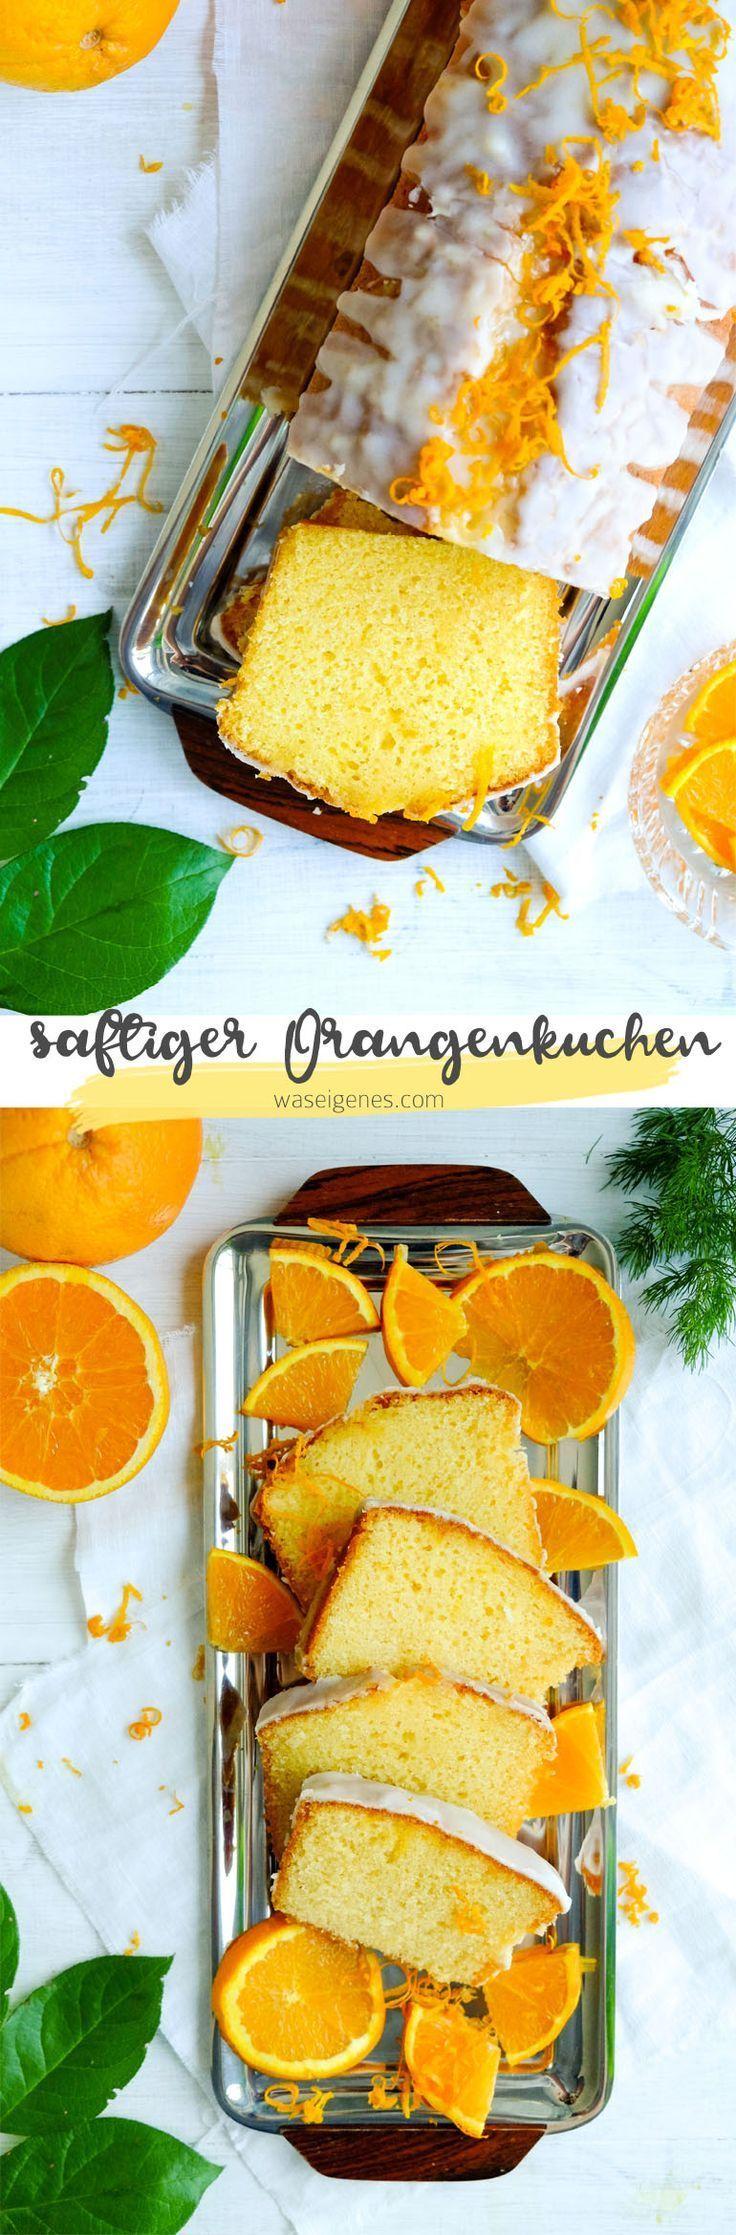 Saftiger & fluffiger Orangenkuchen | Rezept waseigenes.com